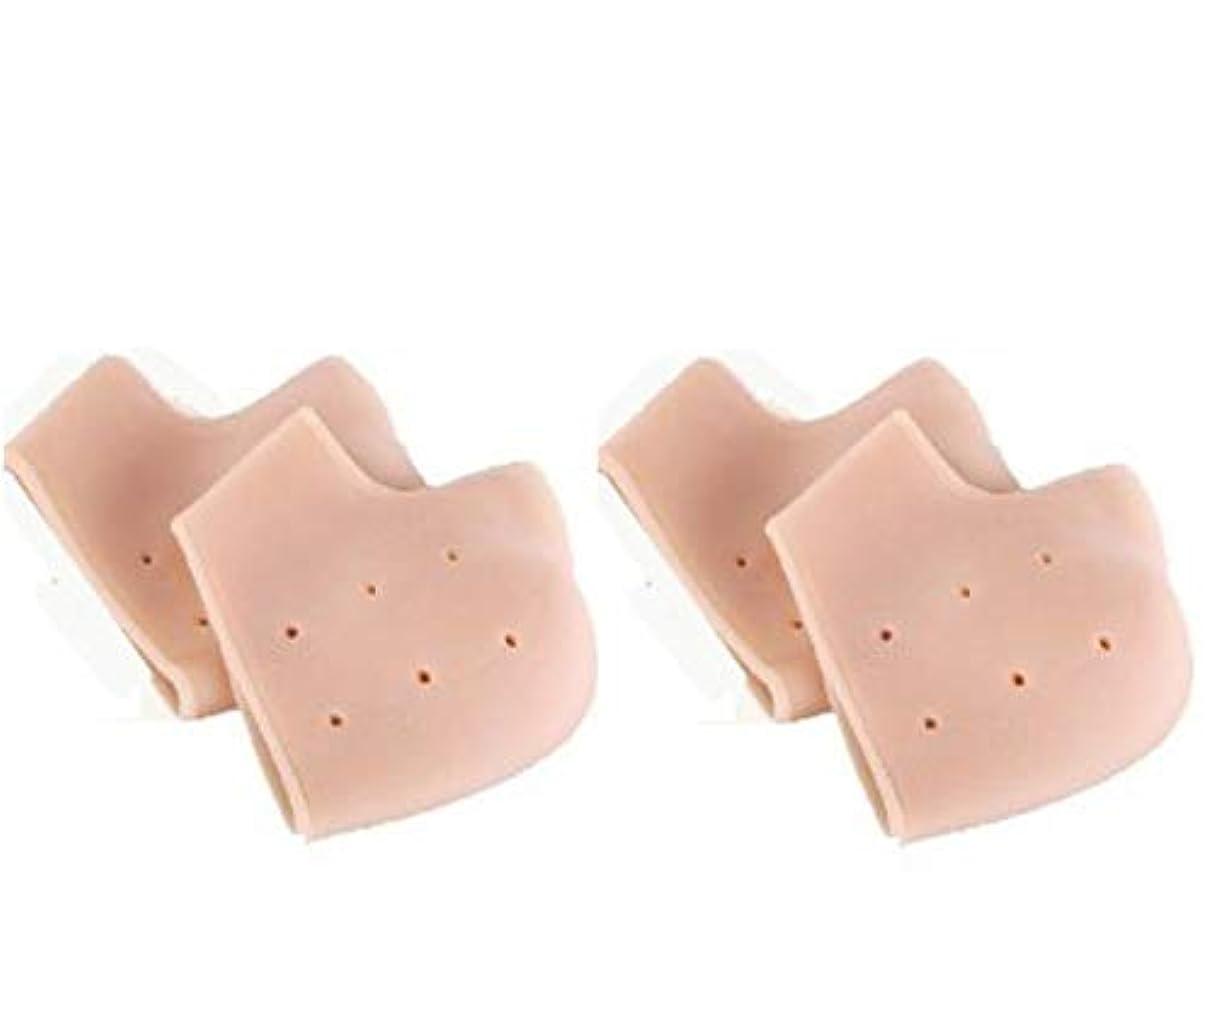 こだわりせせらぎ汚いかかと サポーター 保護 ヒビ割れ対策 保湿 靴下 ワセリン クッション シリコン インソール 4個 ケア